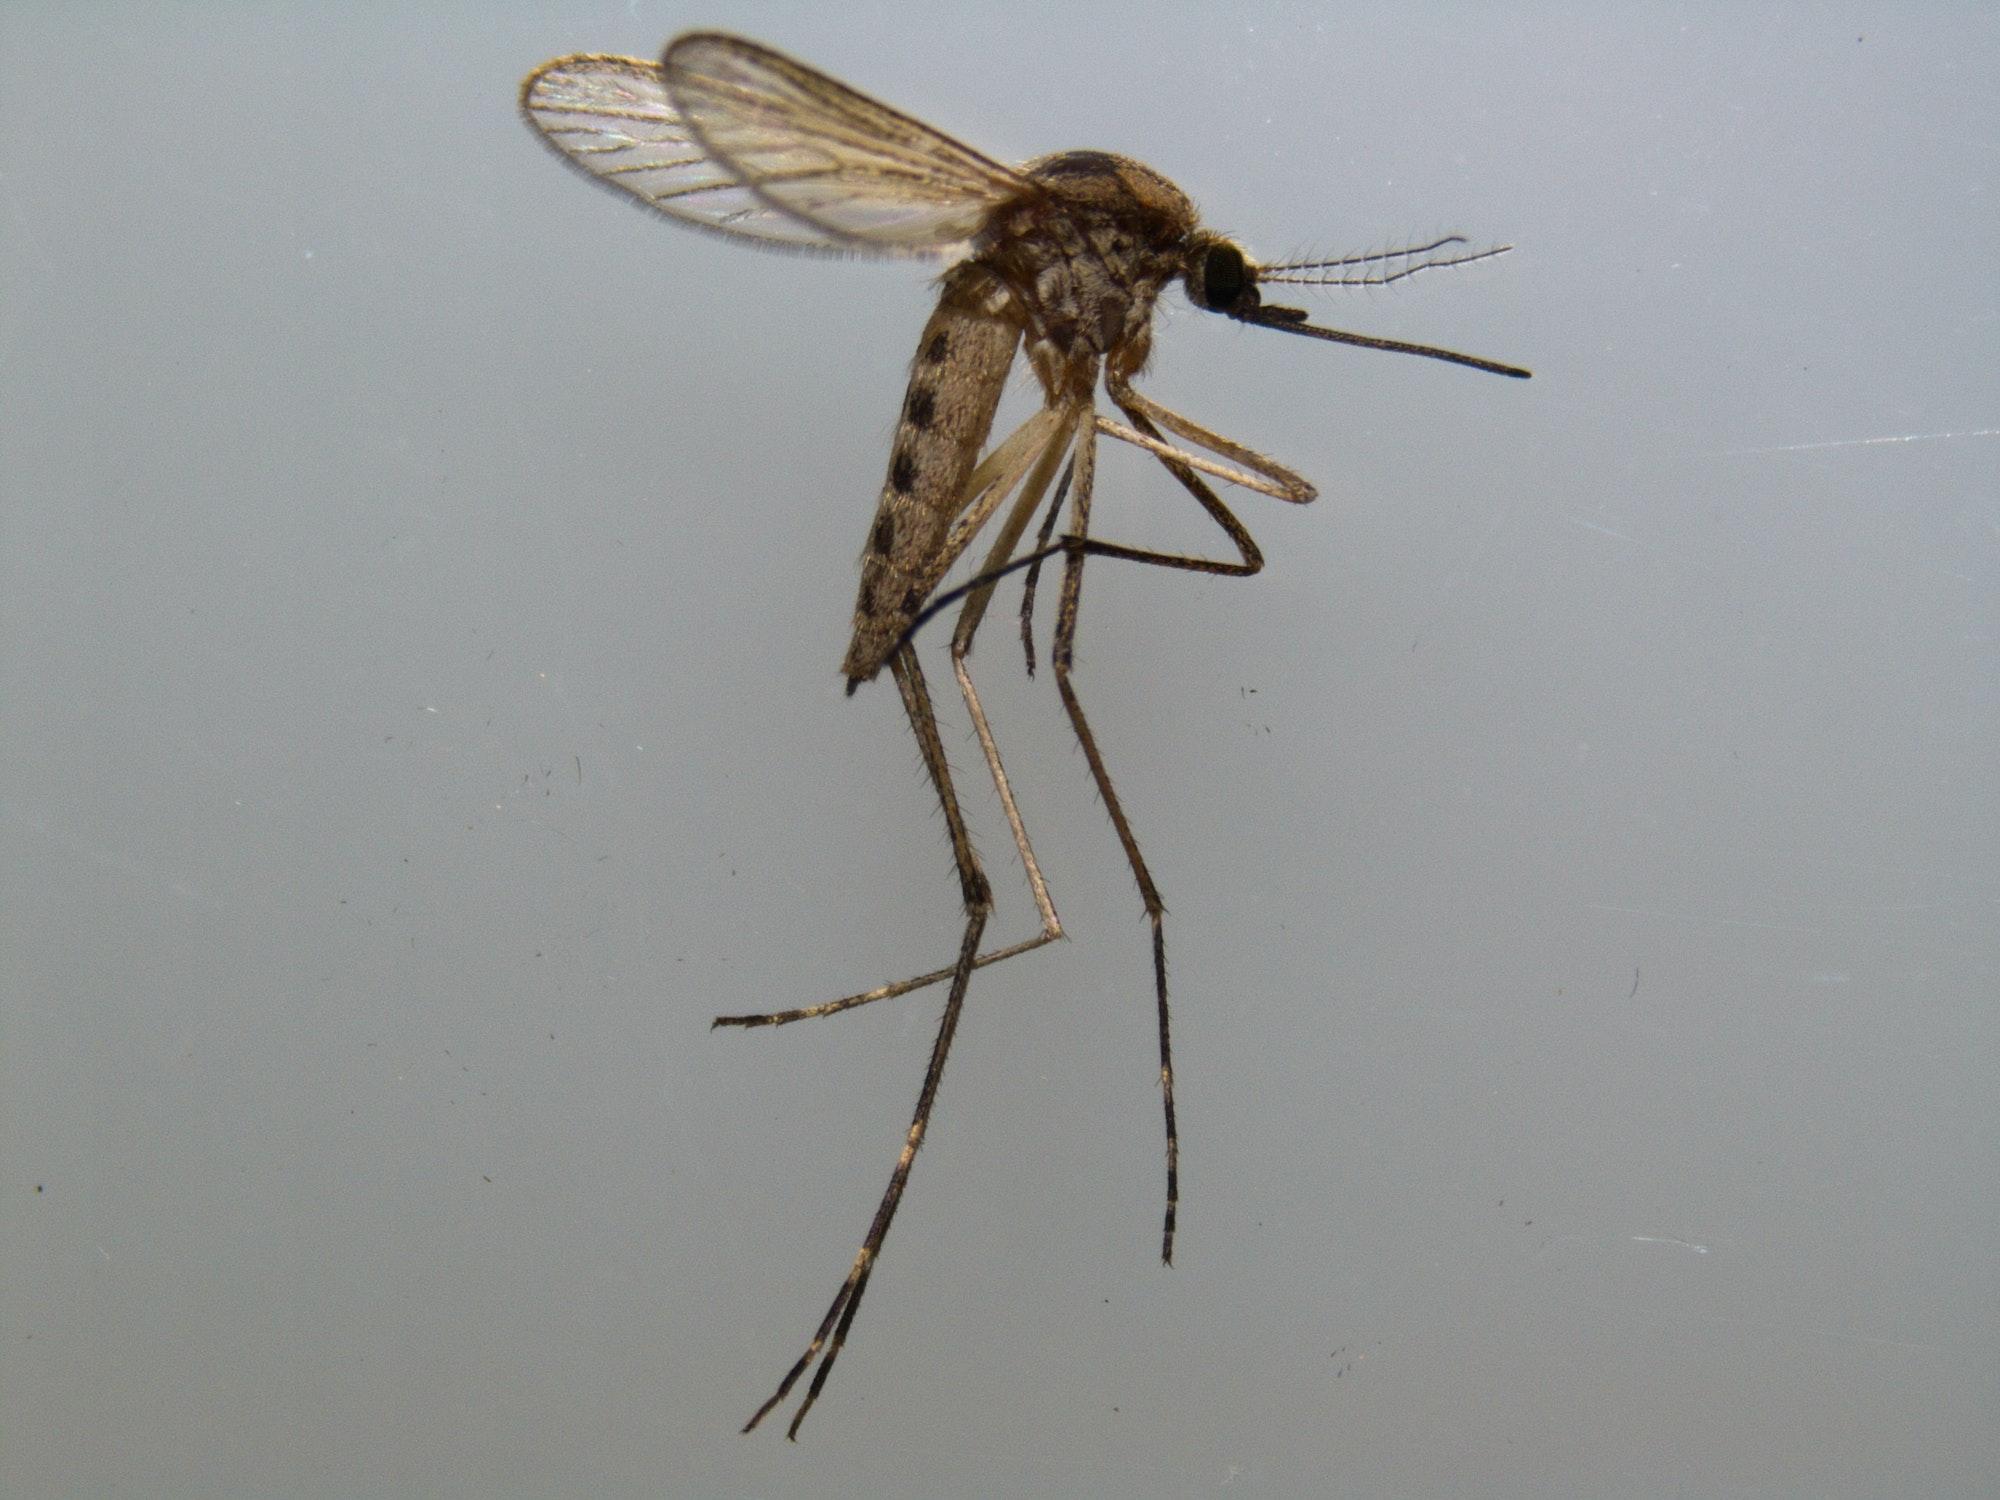 Aedes dorsalis mosquito